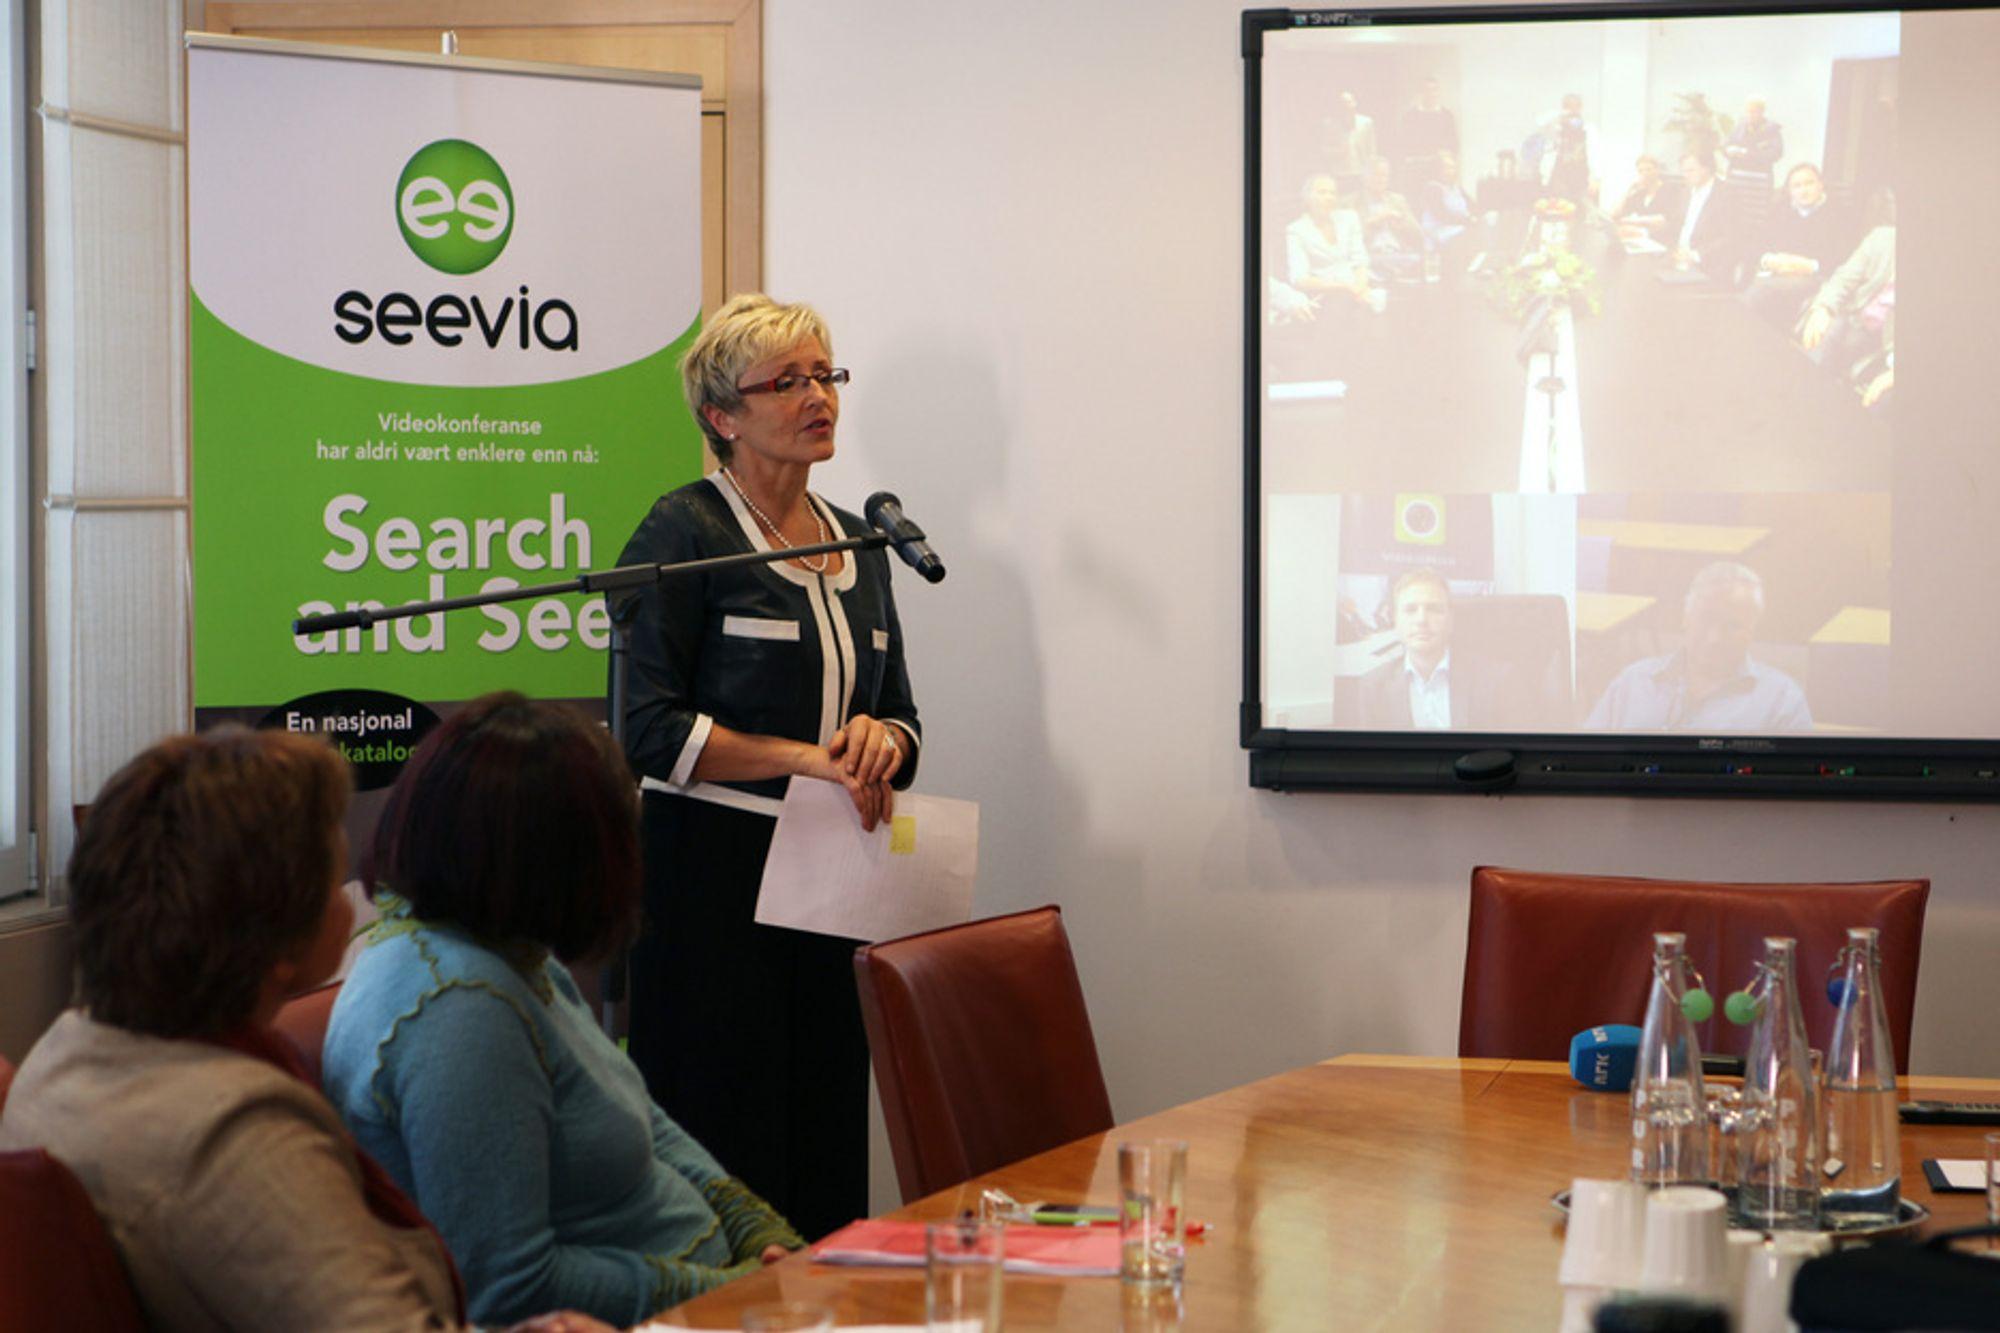 - Det er viktig med en holdningsendring for å øke bruk av videokonferanse, sa kommunal- og regionalminister Liv Signe Navarsete under Seevia-lanseringen tirsdag.